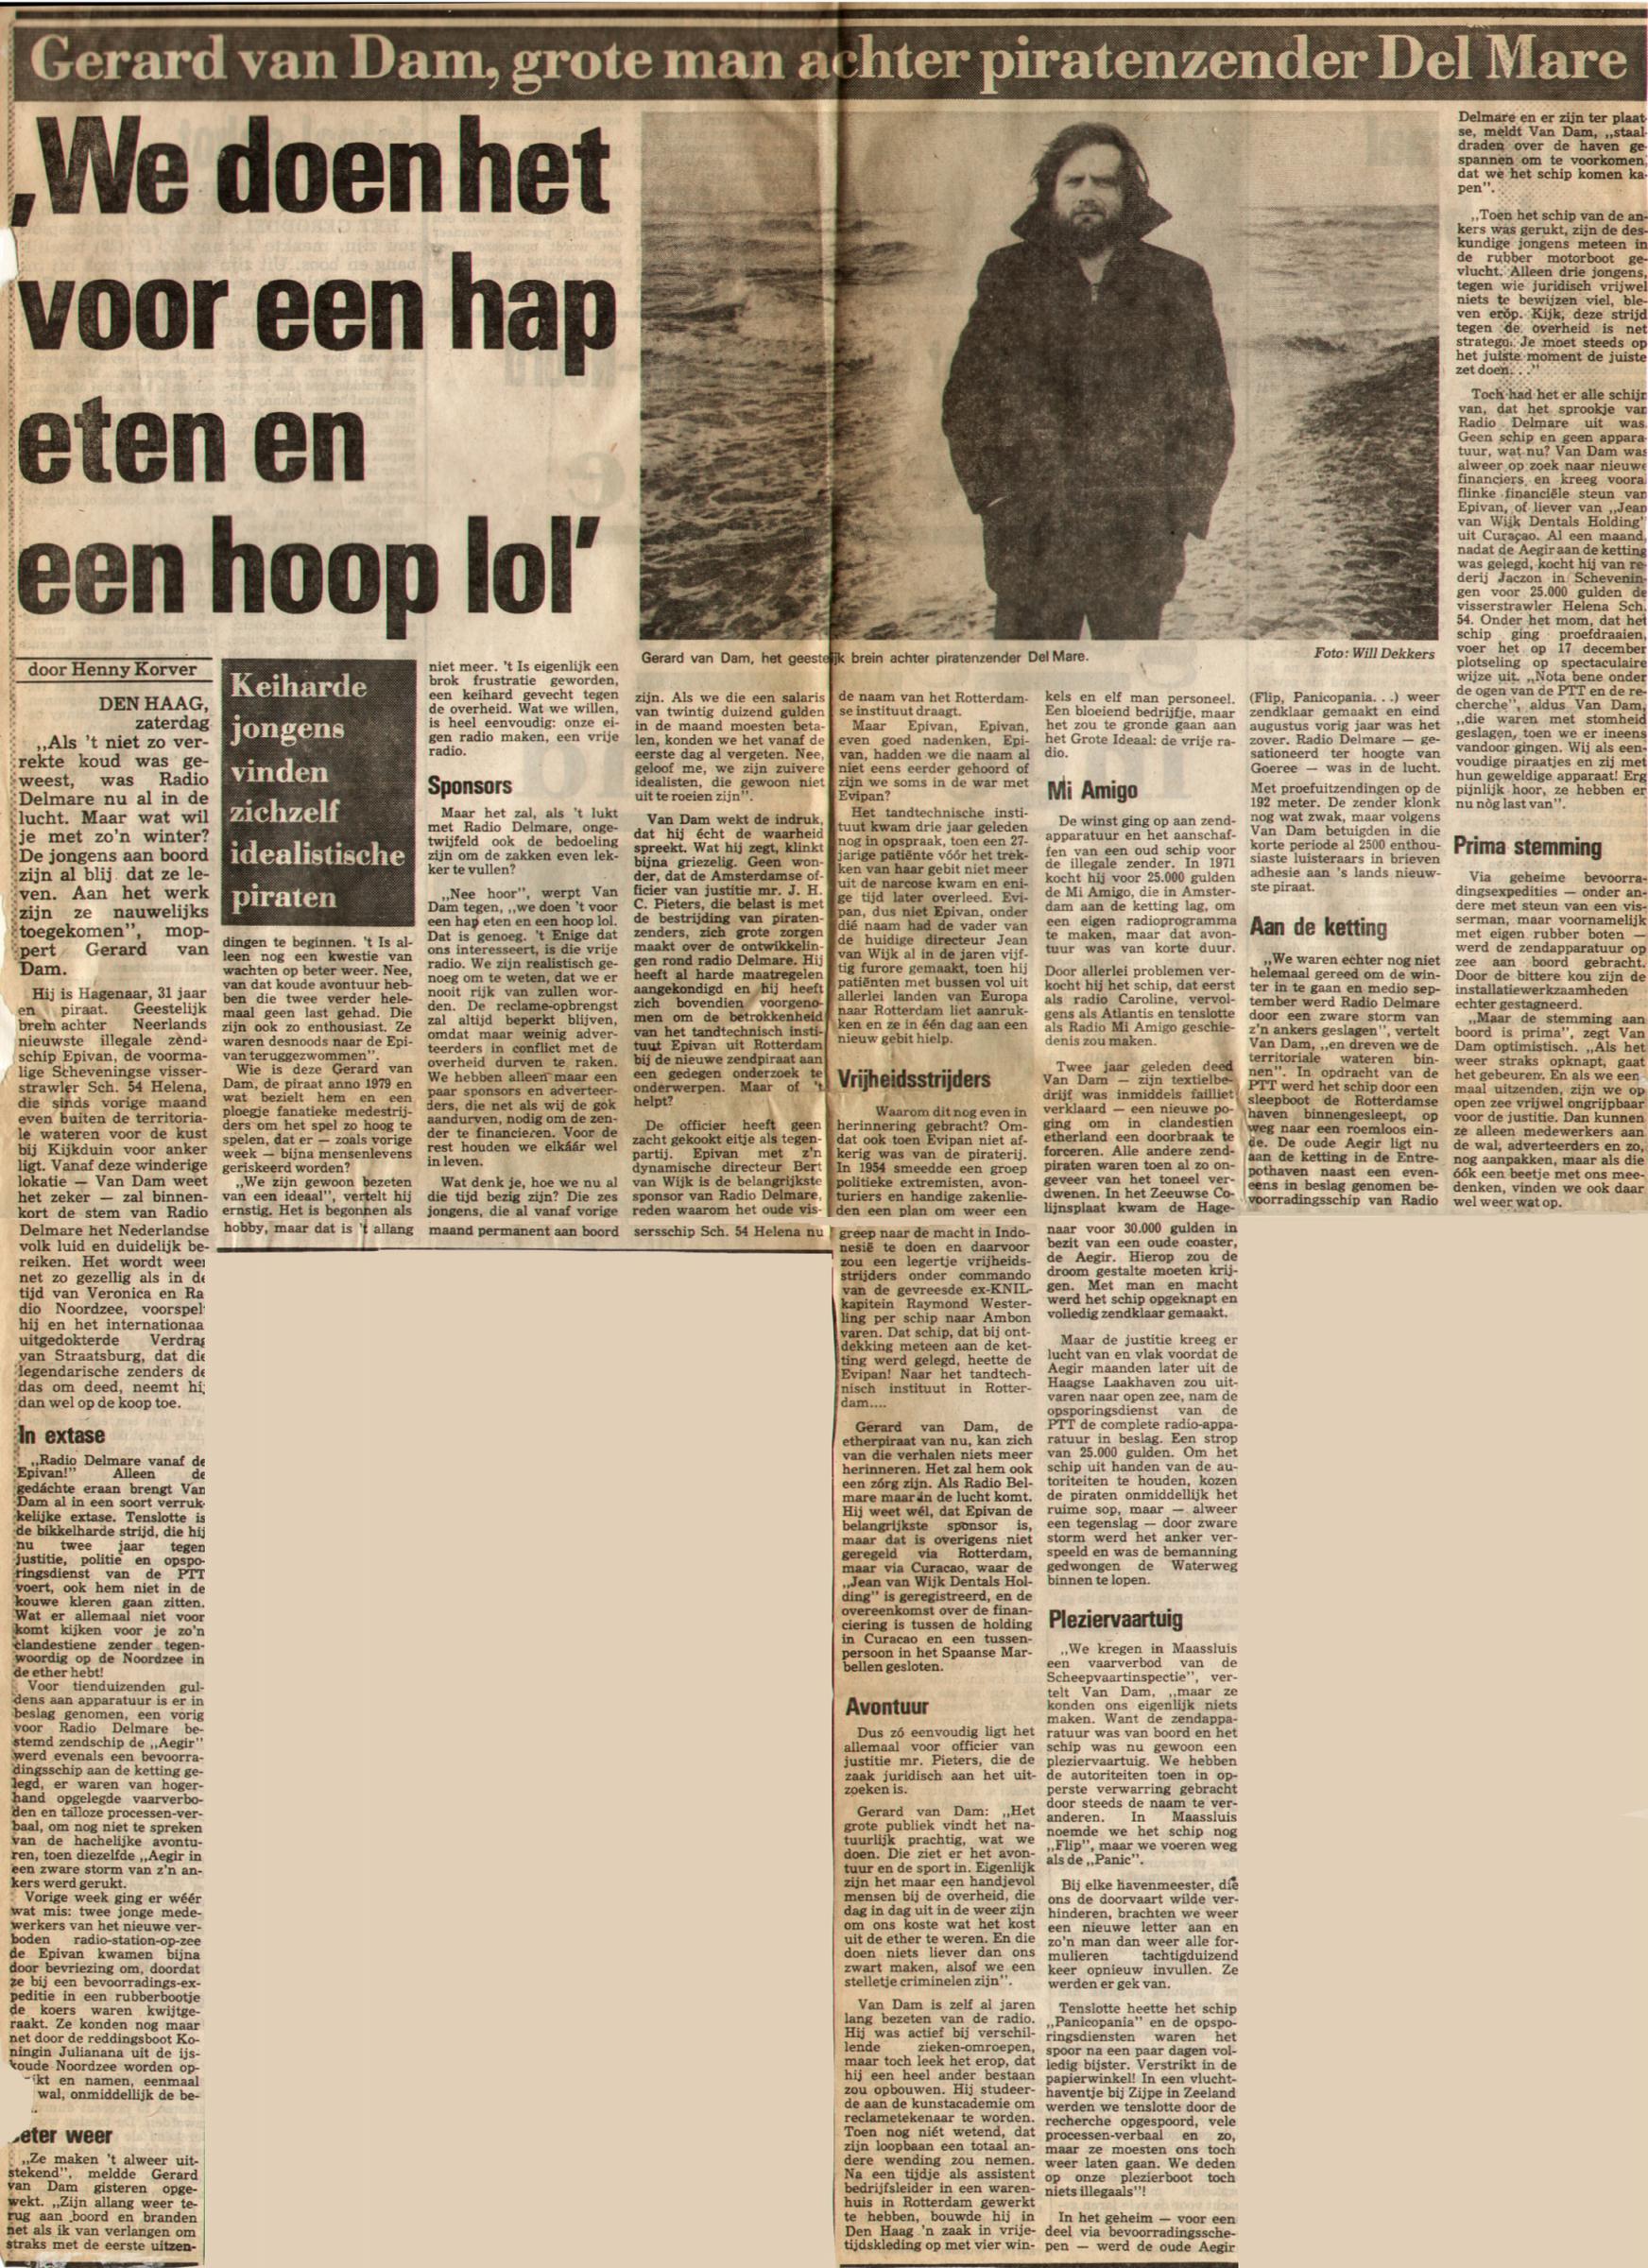 197812_Delmare_Gerard_van_Dam.jpg